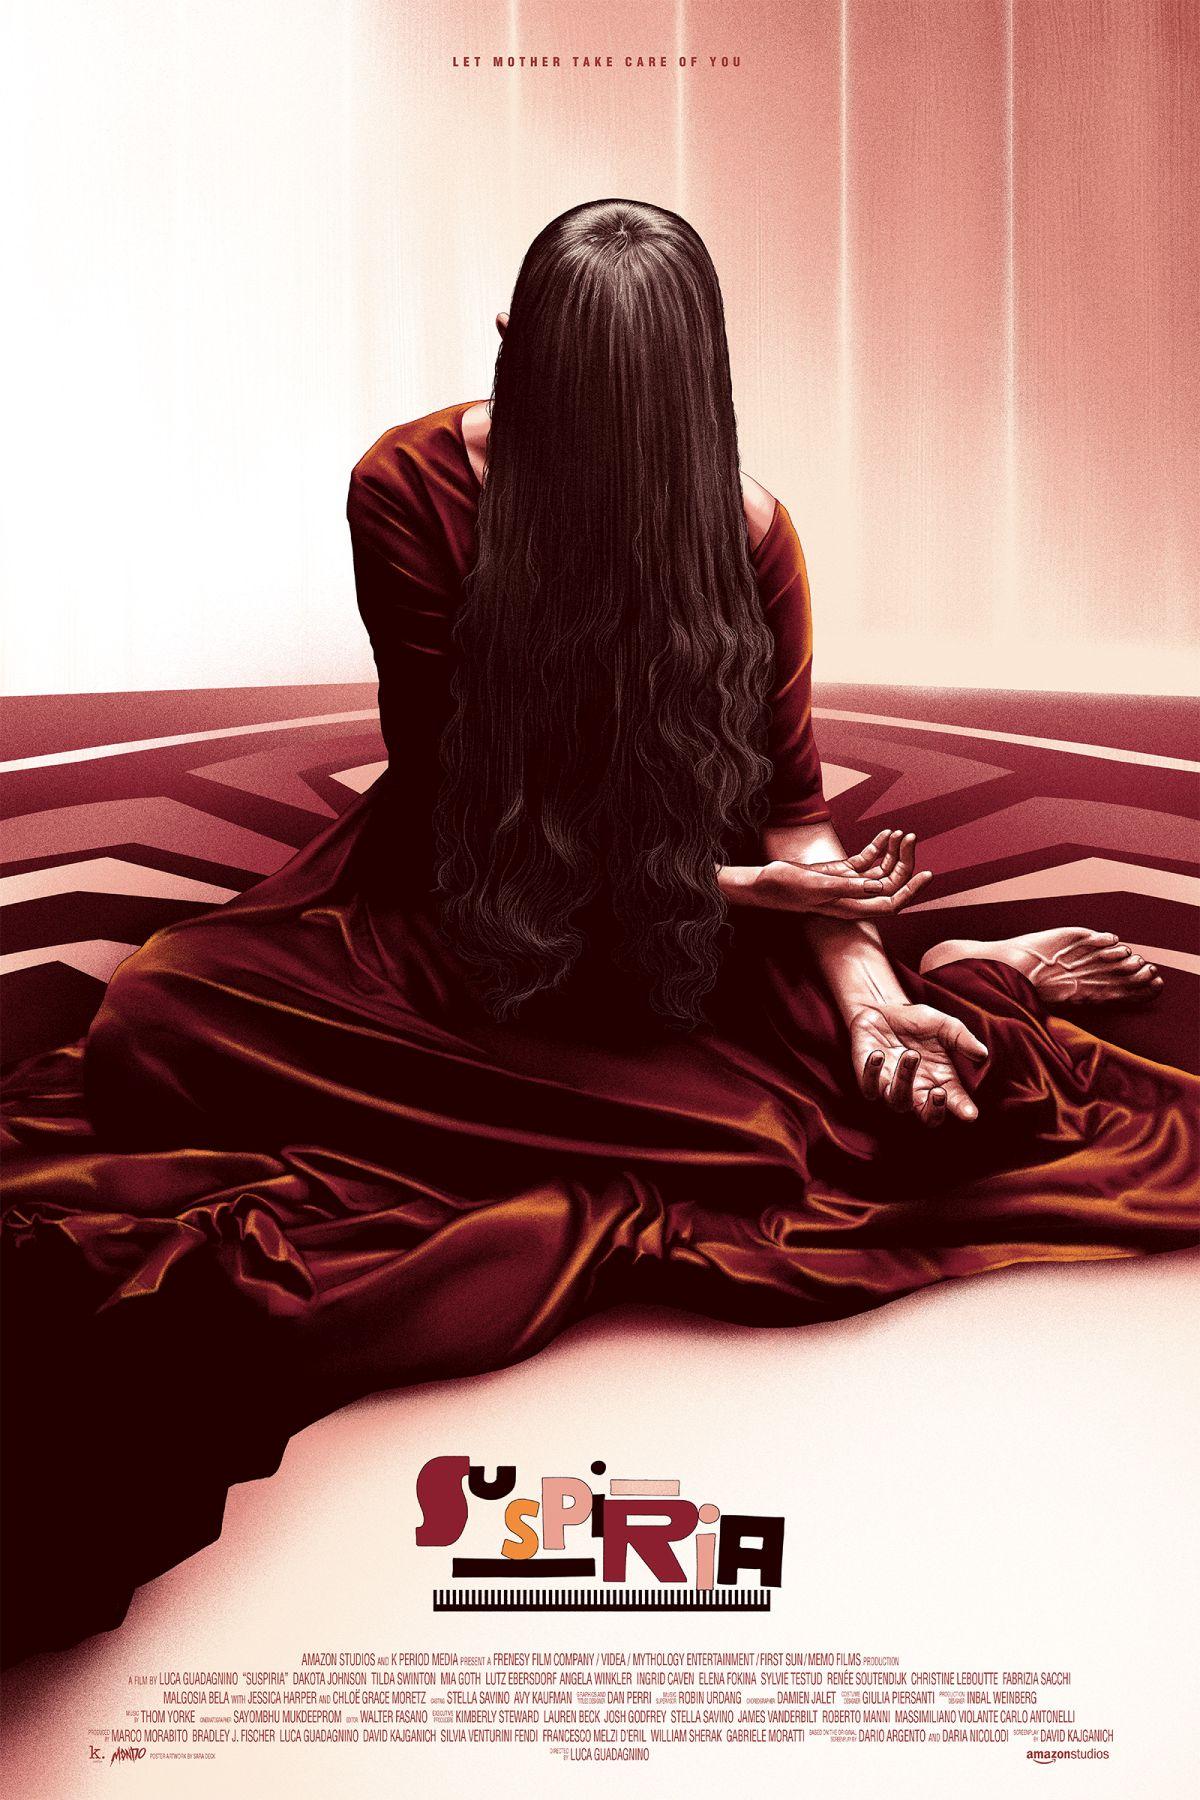 eerie-mondo-poster-art-for-upcoming-horror-film-suspiria3